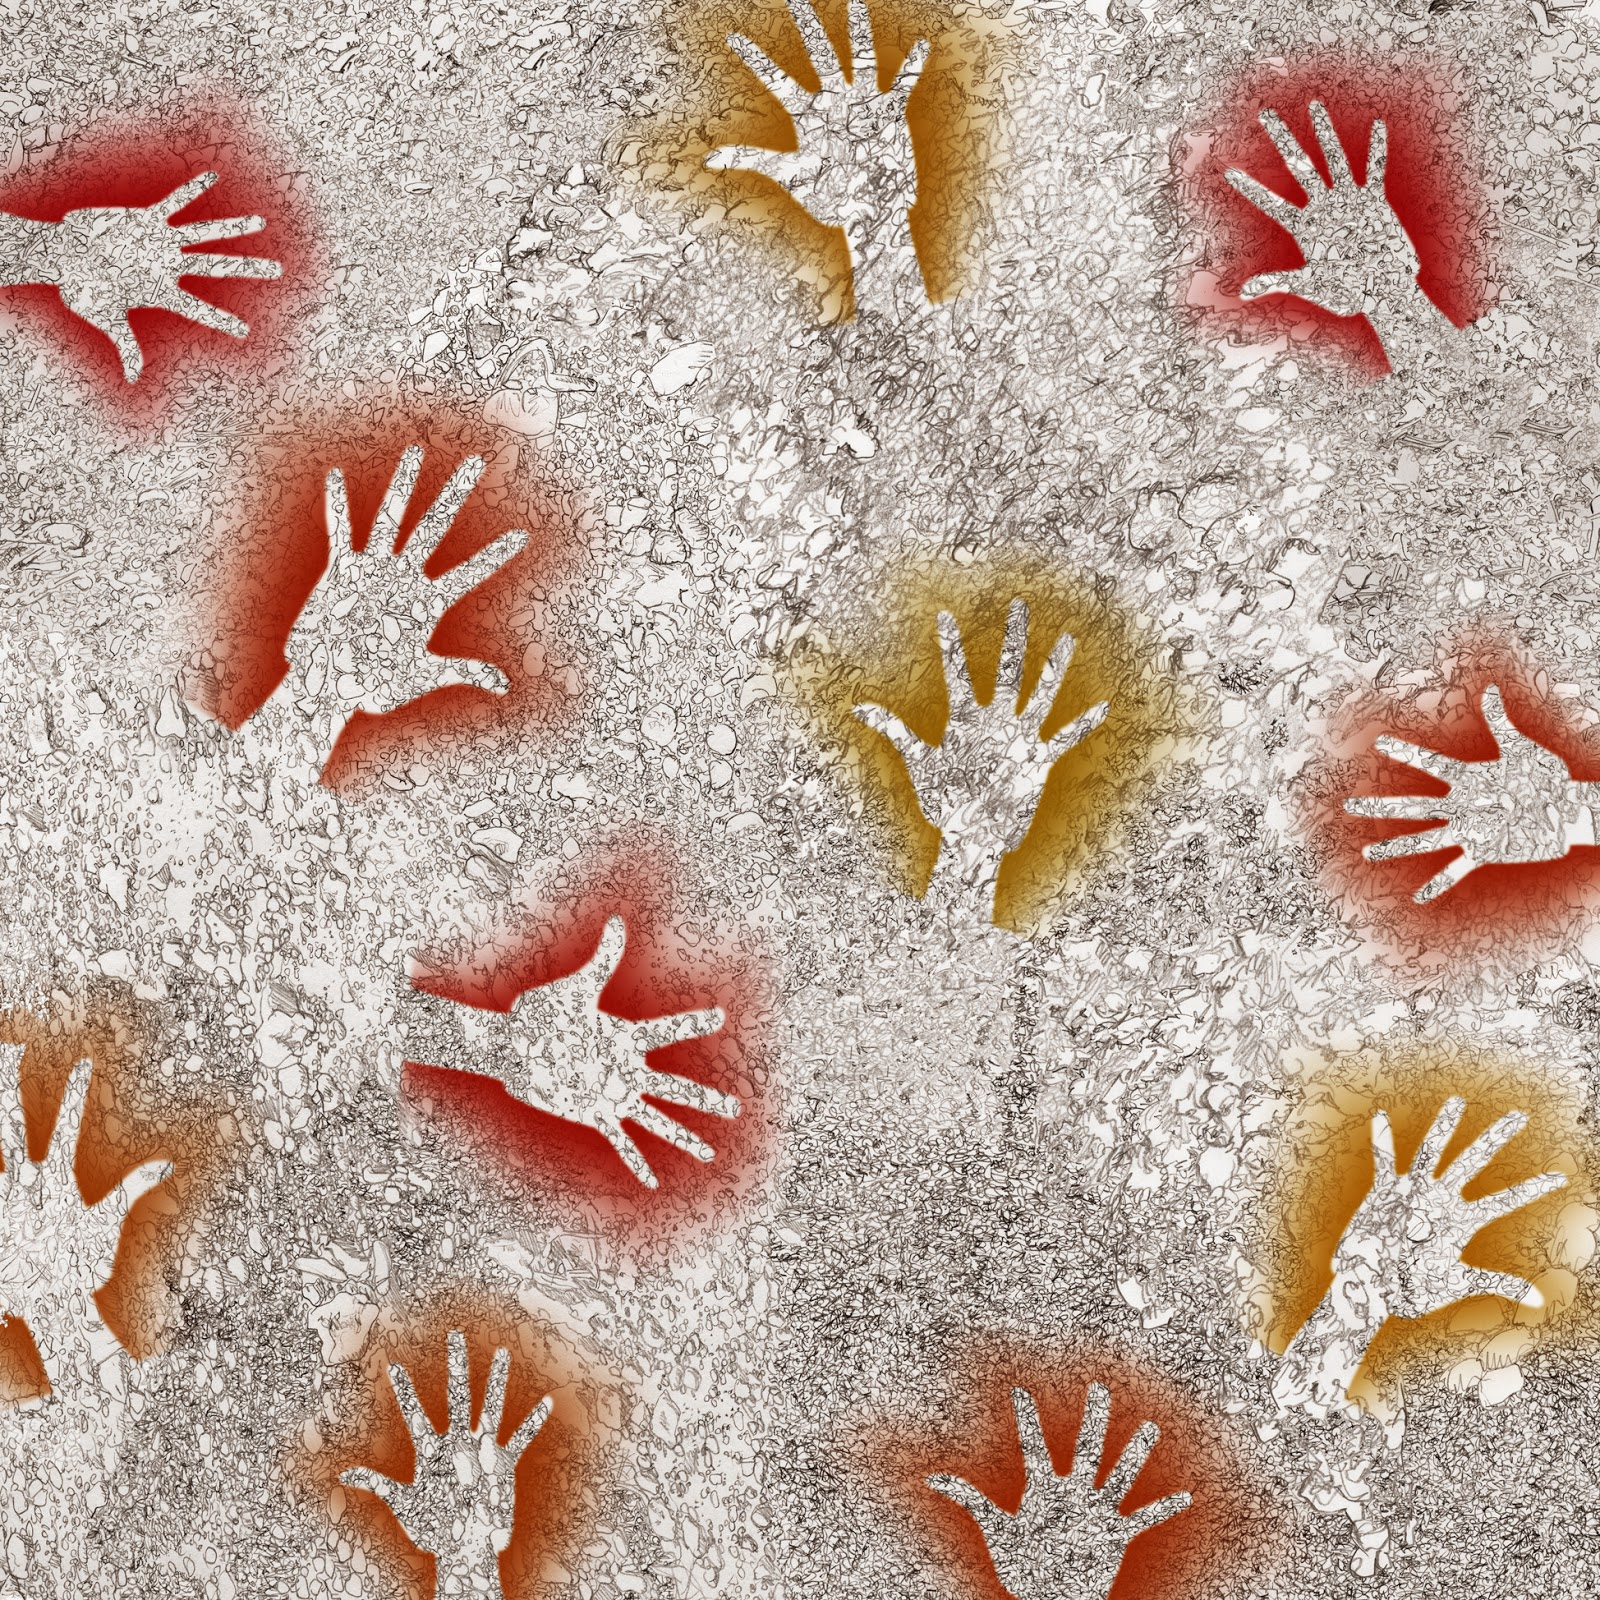 manos que saludan, dibujo